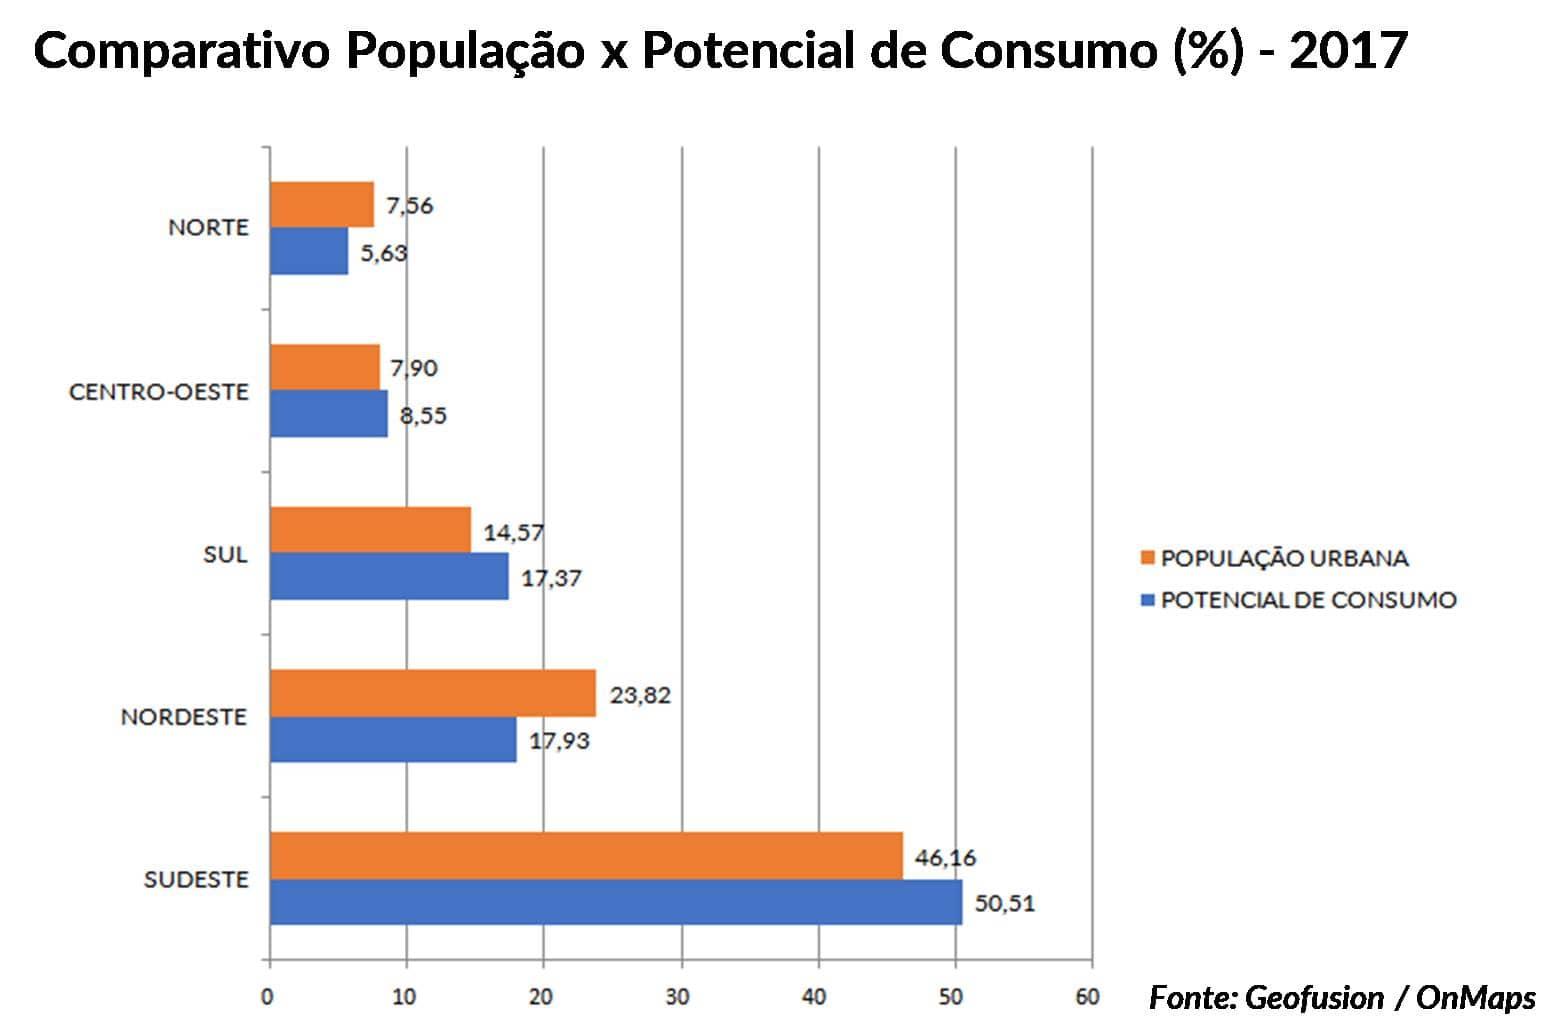 6População_x_potencial_de_consumo-min.jpg